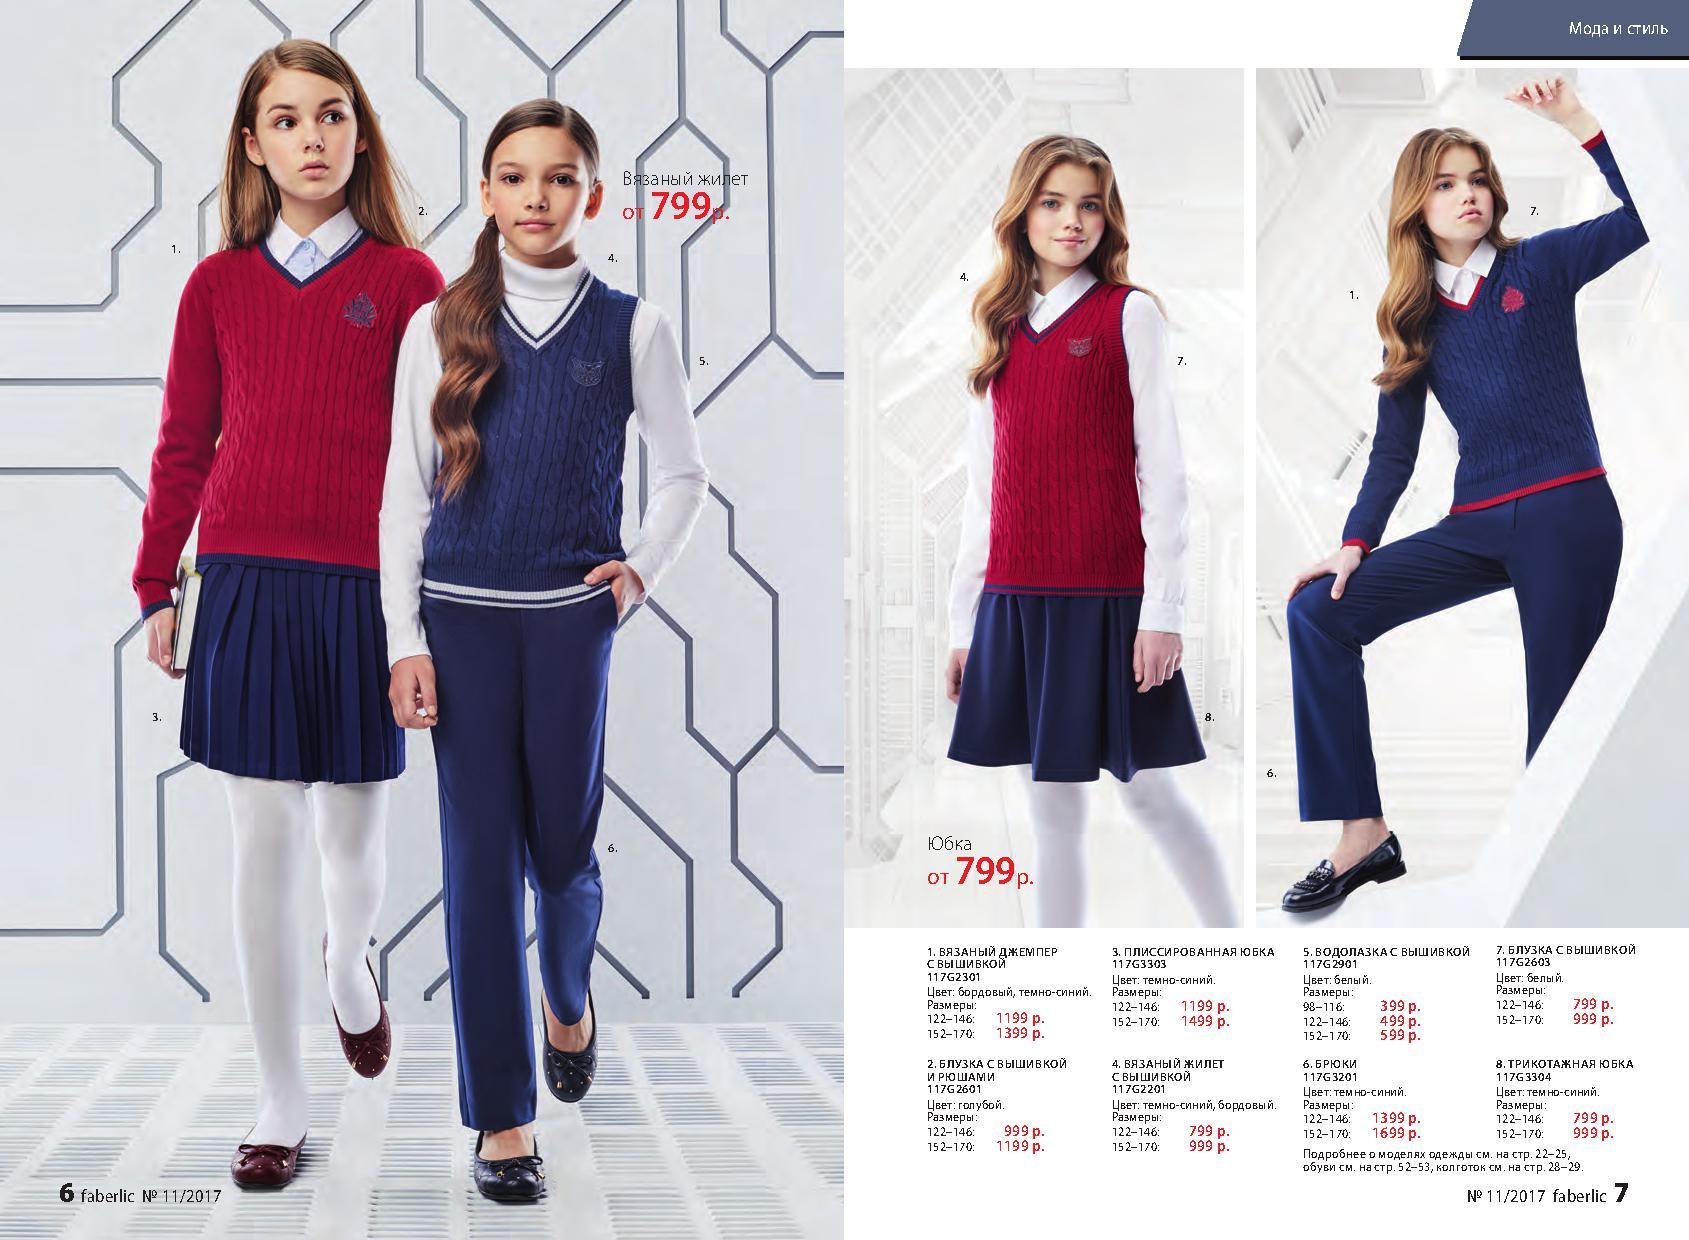 Фаберлик каталог одежды новый 2018 год